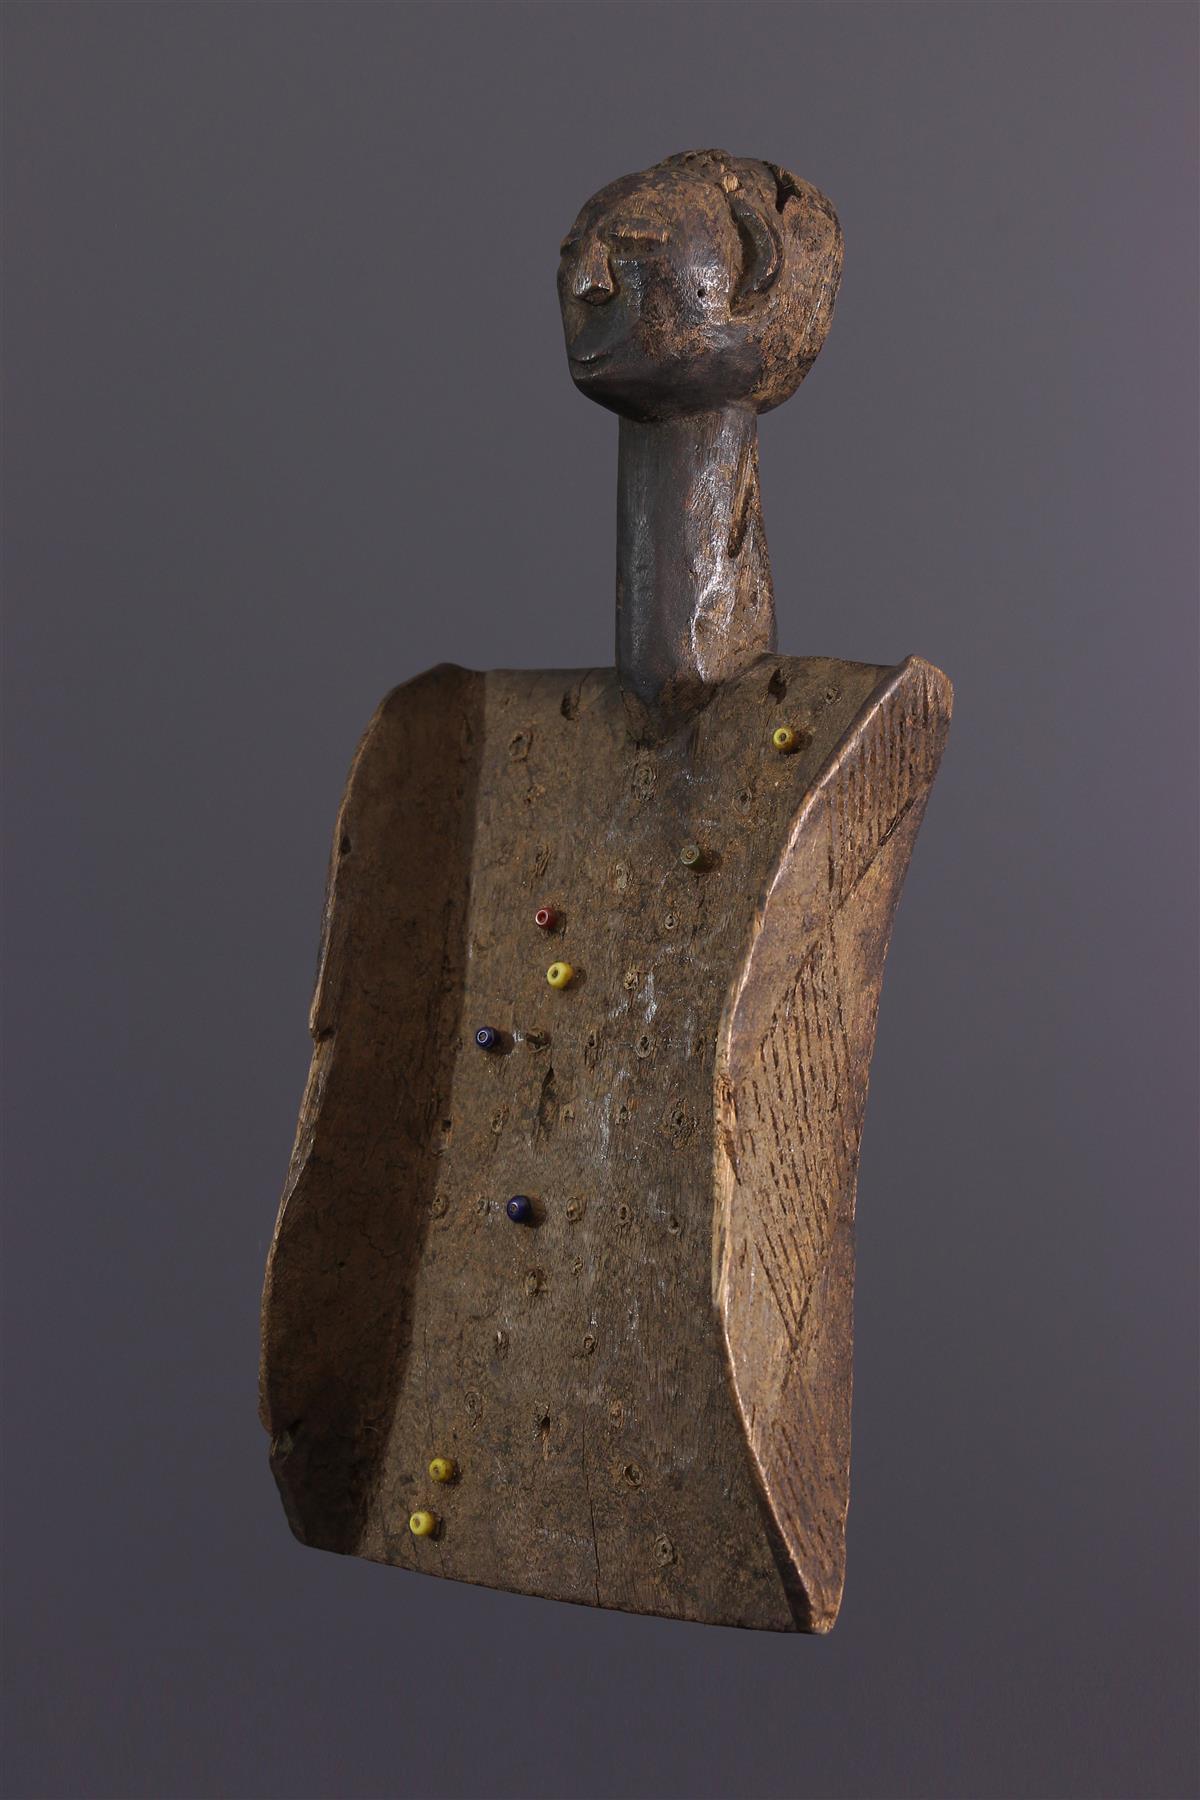 Luba board - African art